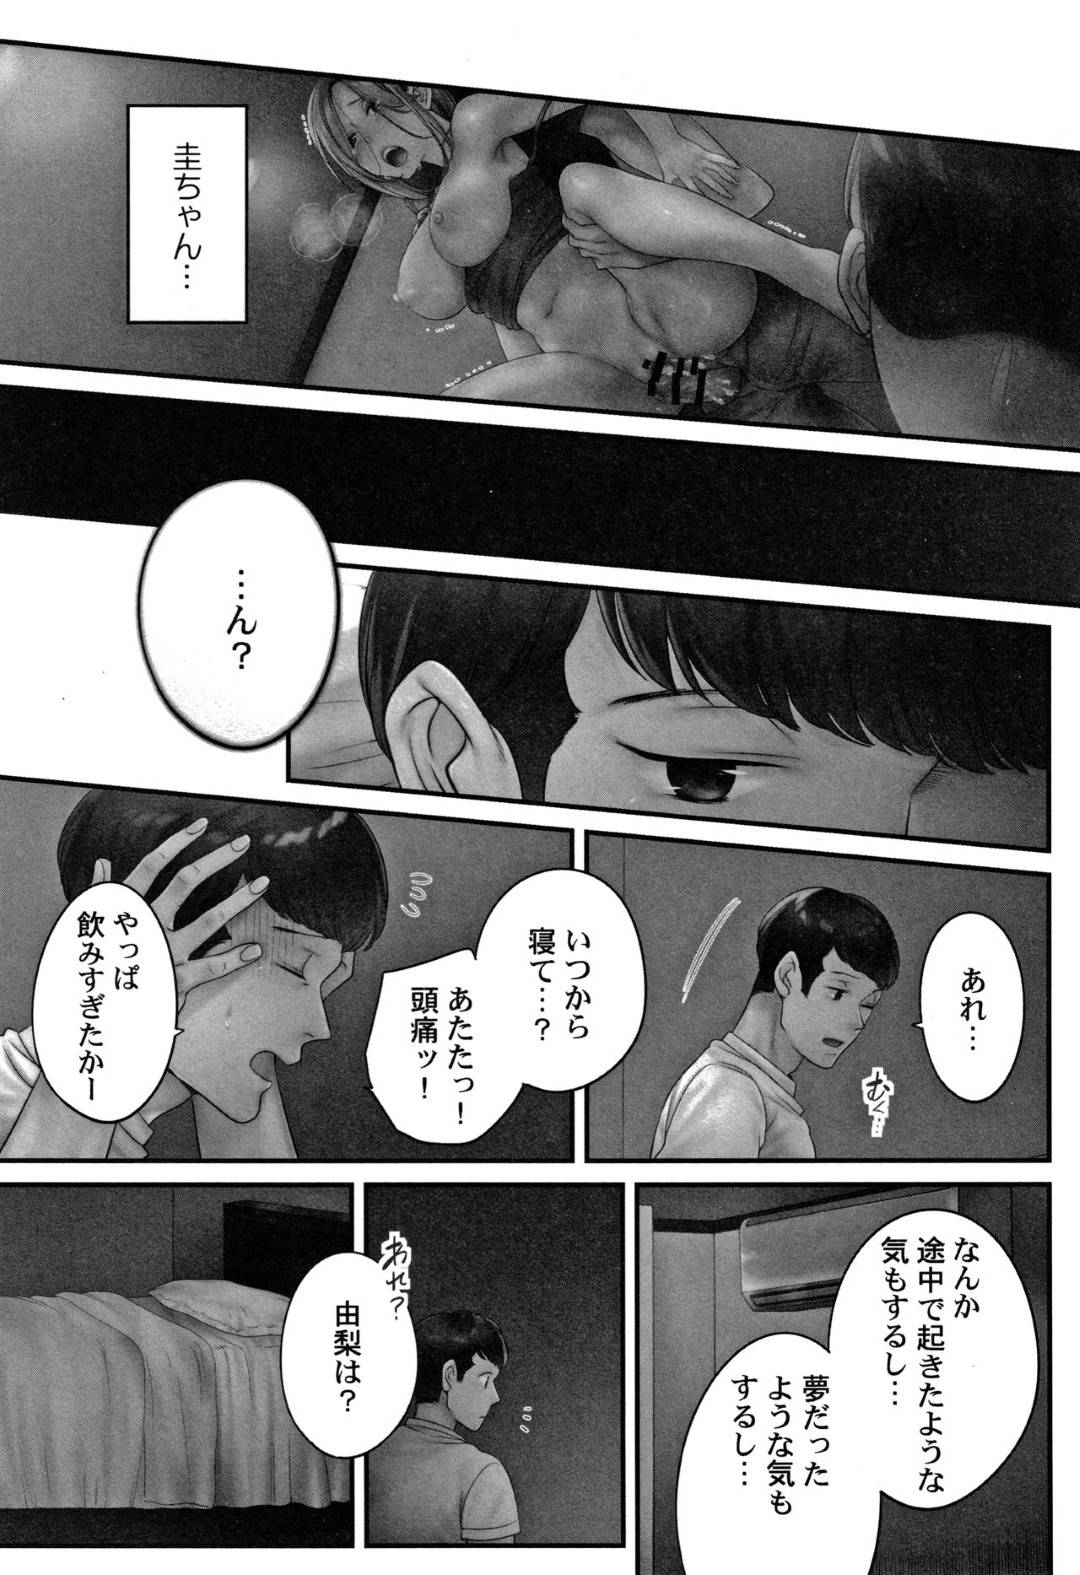 【エロ漫画】旦那が寝る横で元カレに抱かれる巨乳新妻…嫌なのに旦那に助けを求めればいいのに生ハメセックスされ続けて感じて中出しされる!【FFC:寝取りエステで、今夜、妻が…。】